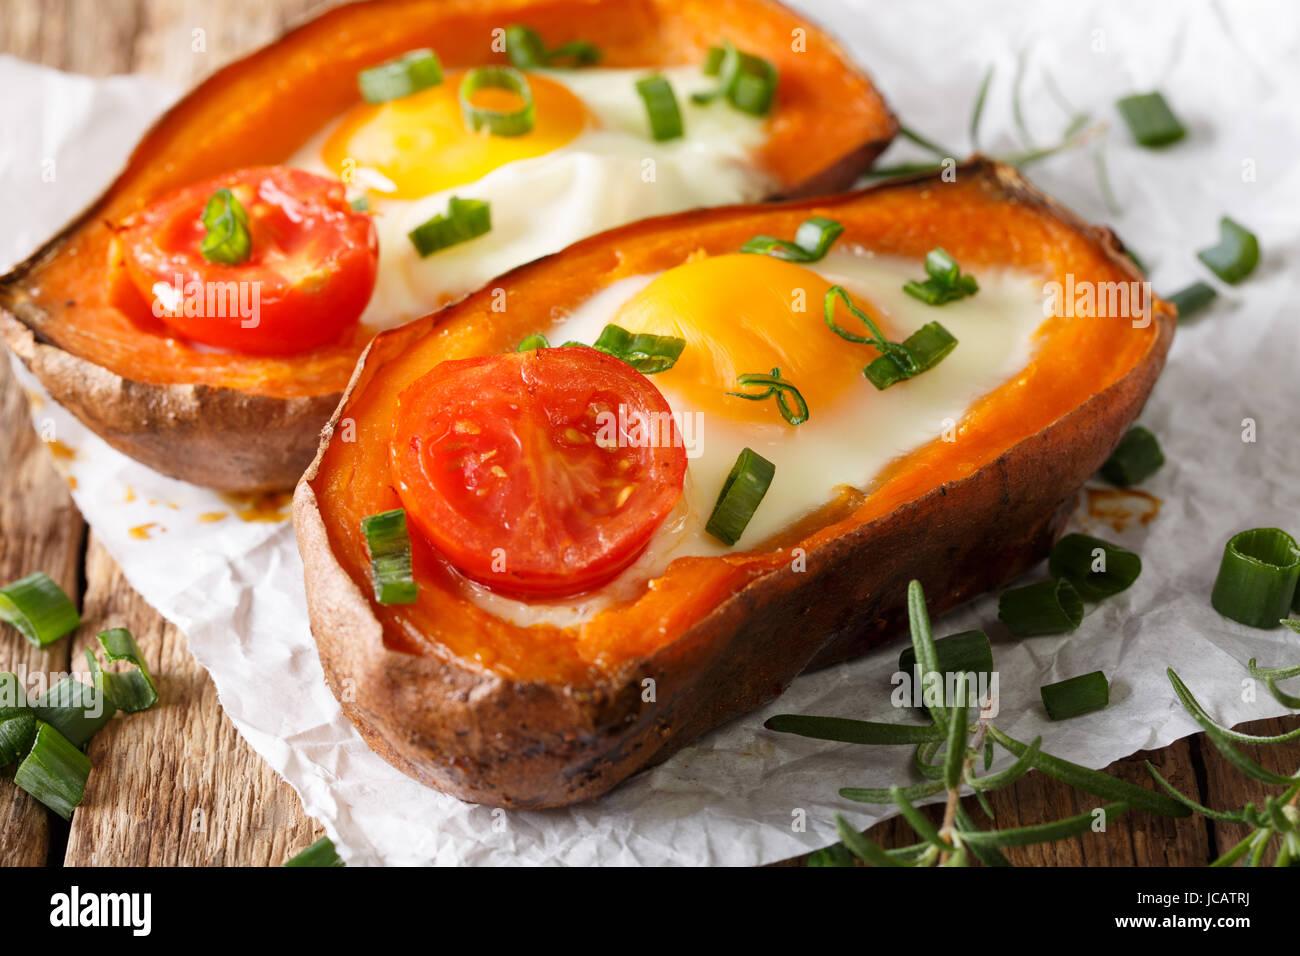 De sain avec des oeufs au plat et tomates en gros plan sur la table. L'horizontale Photo Stock